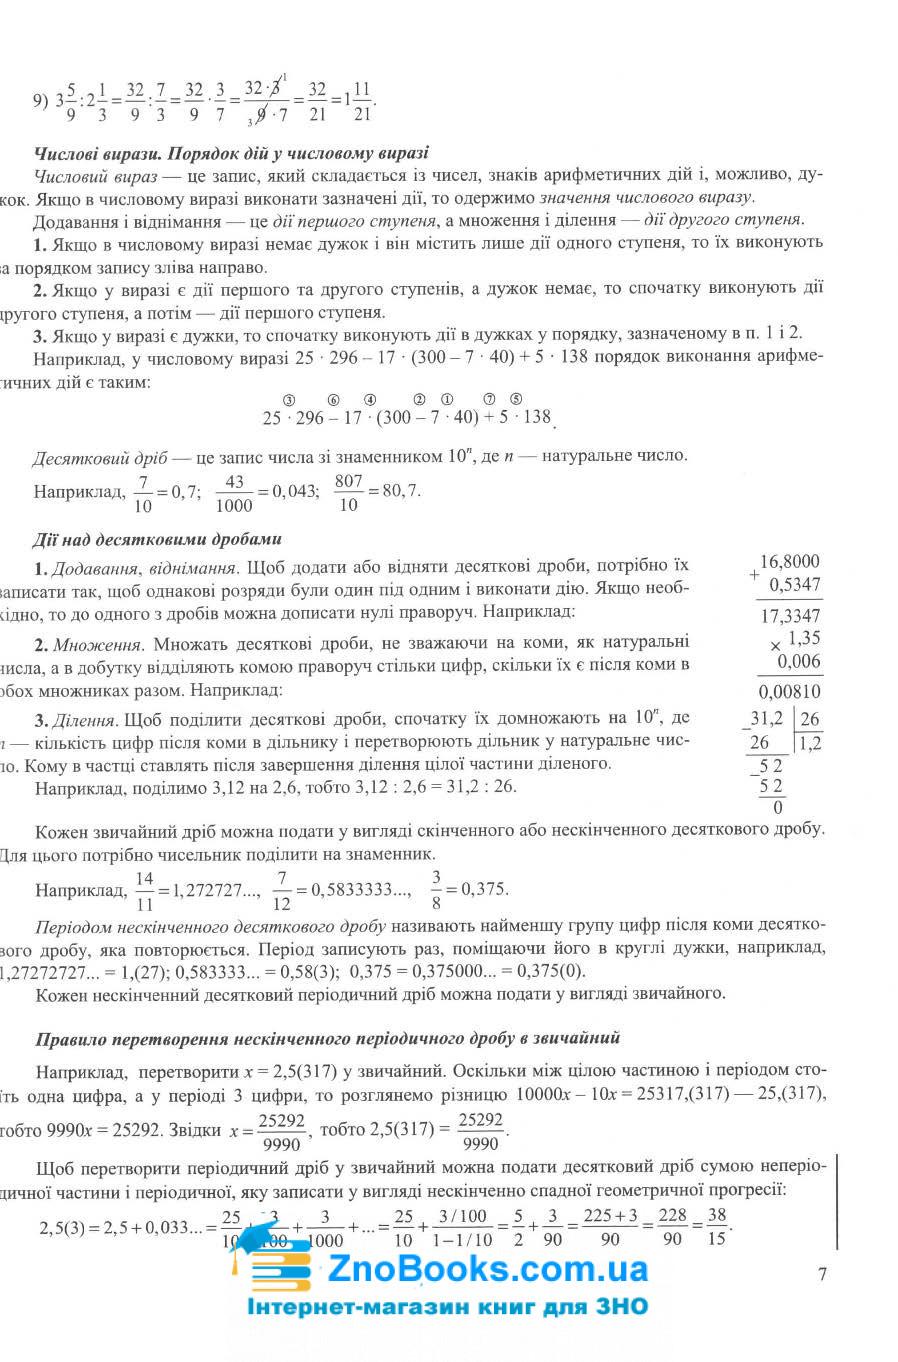 Математика. Довідник ЗНО 2022 : Капіносов А.  Підручники і посібники. купити 7